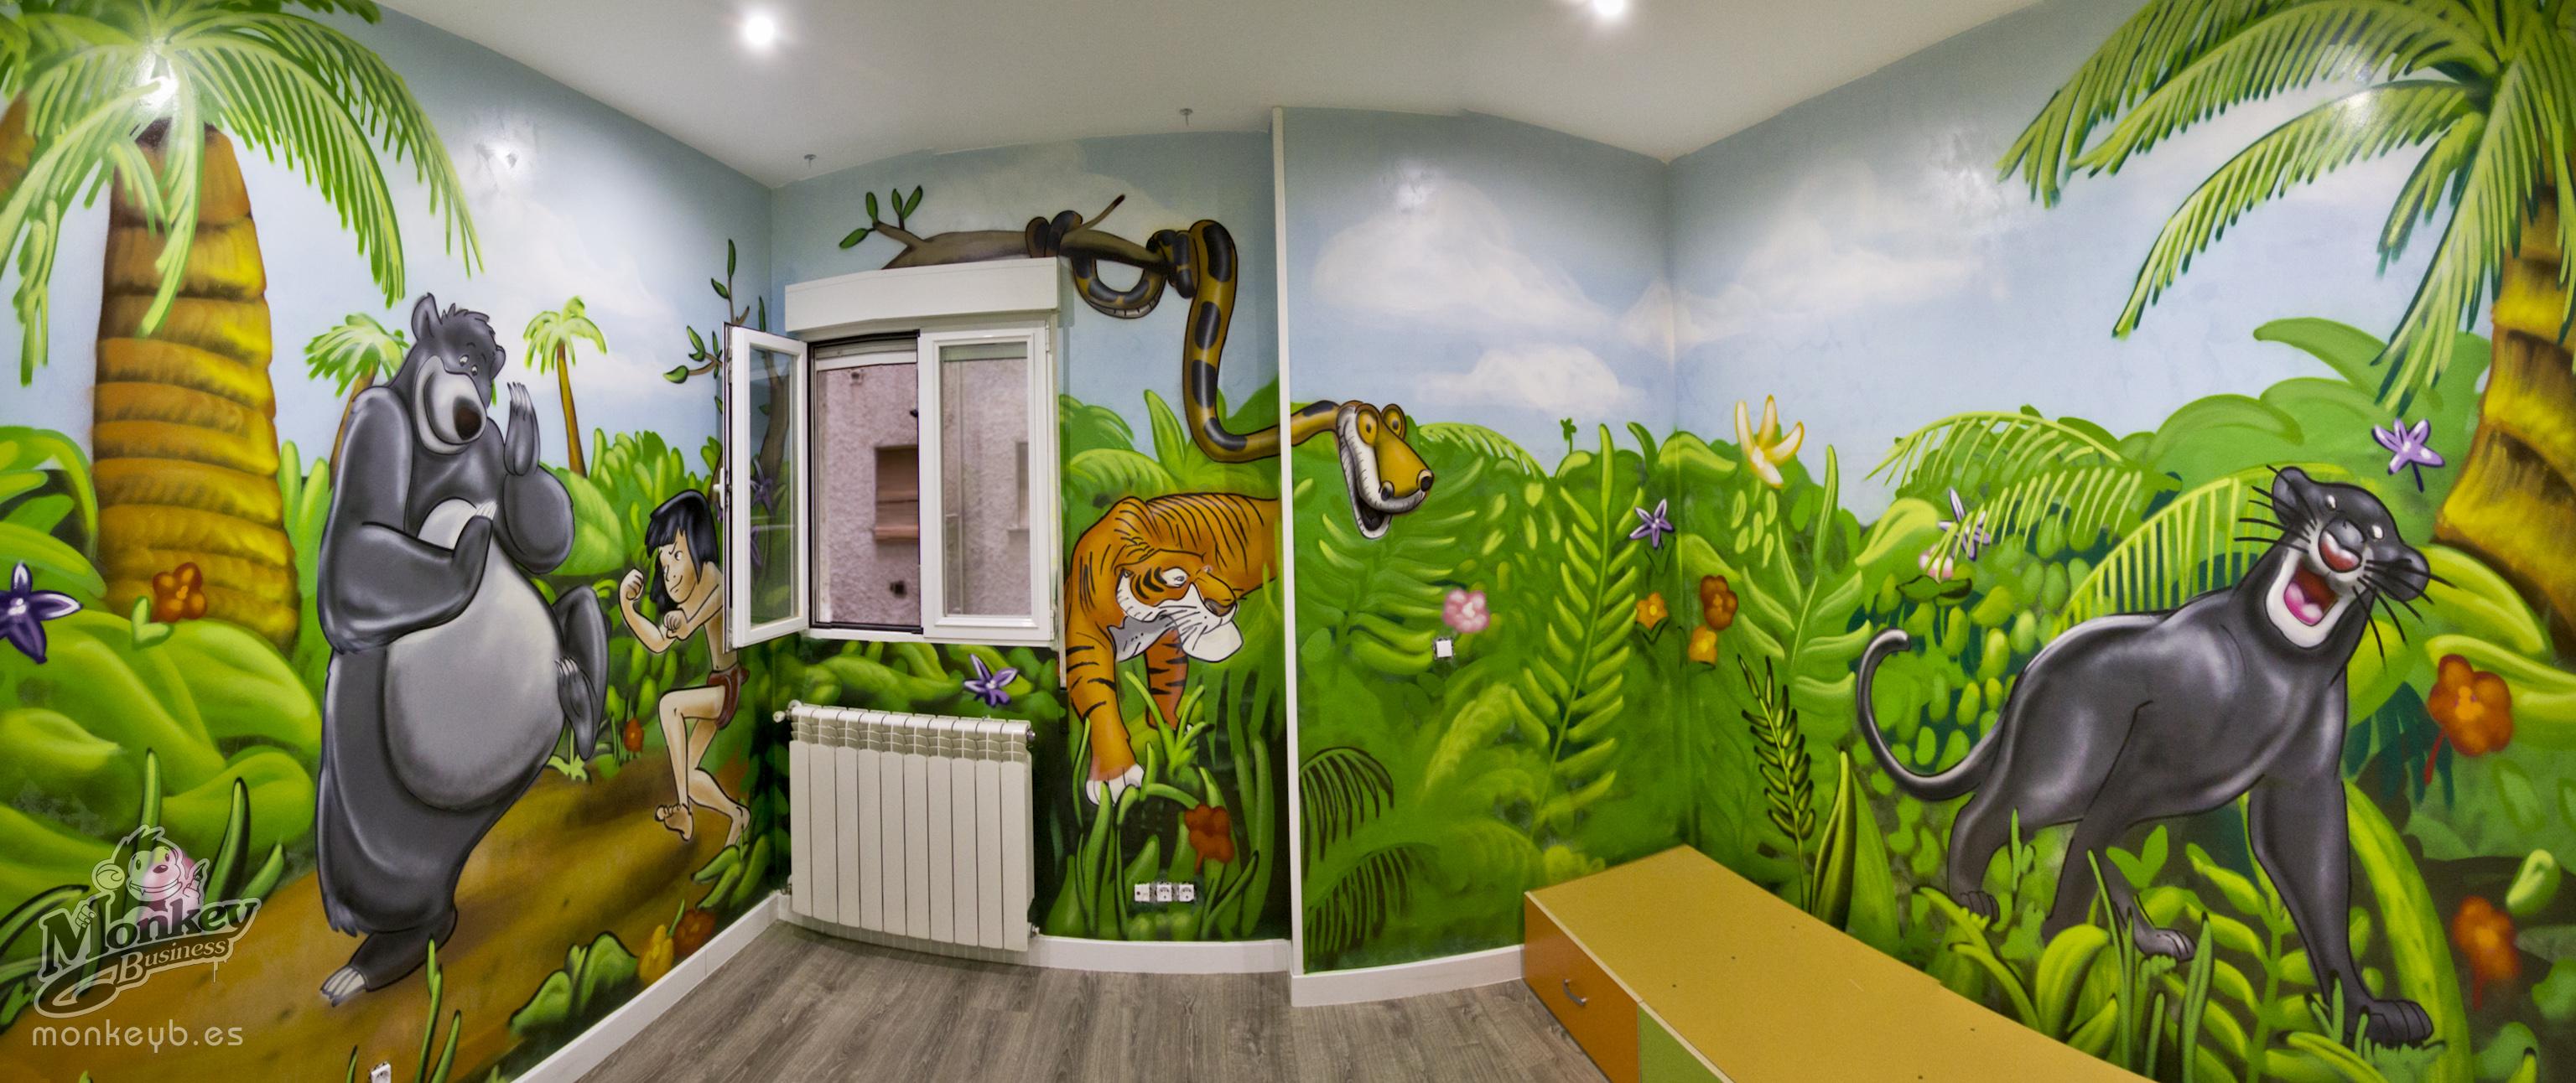 mural infantil juvenil del libro de la selva, jungle book